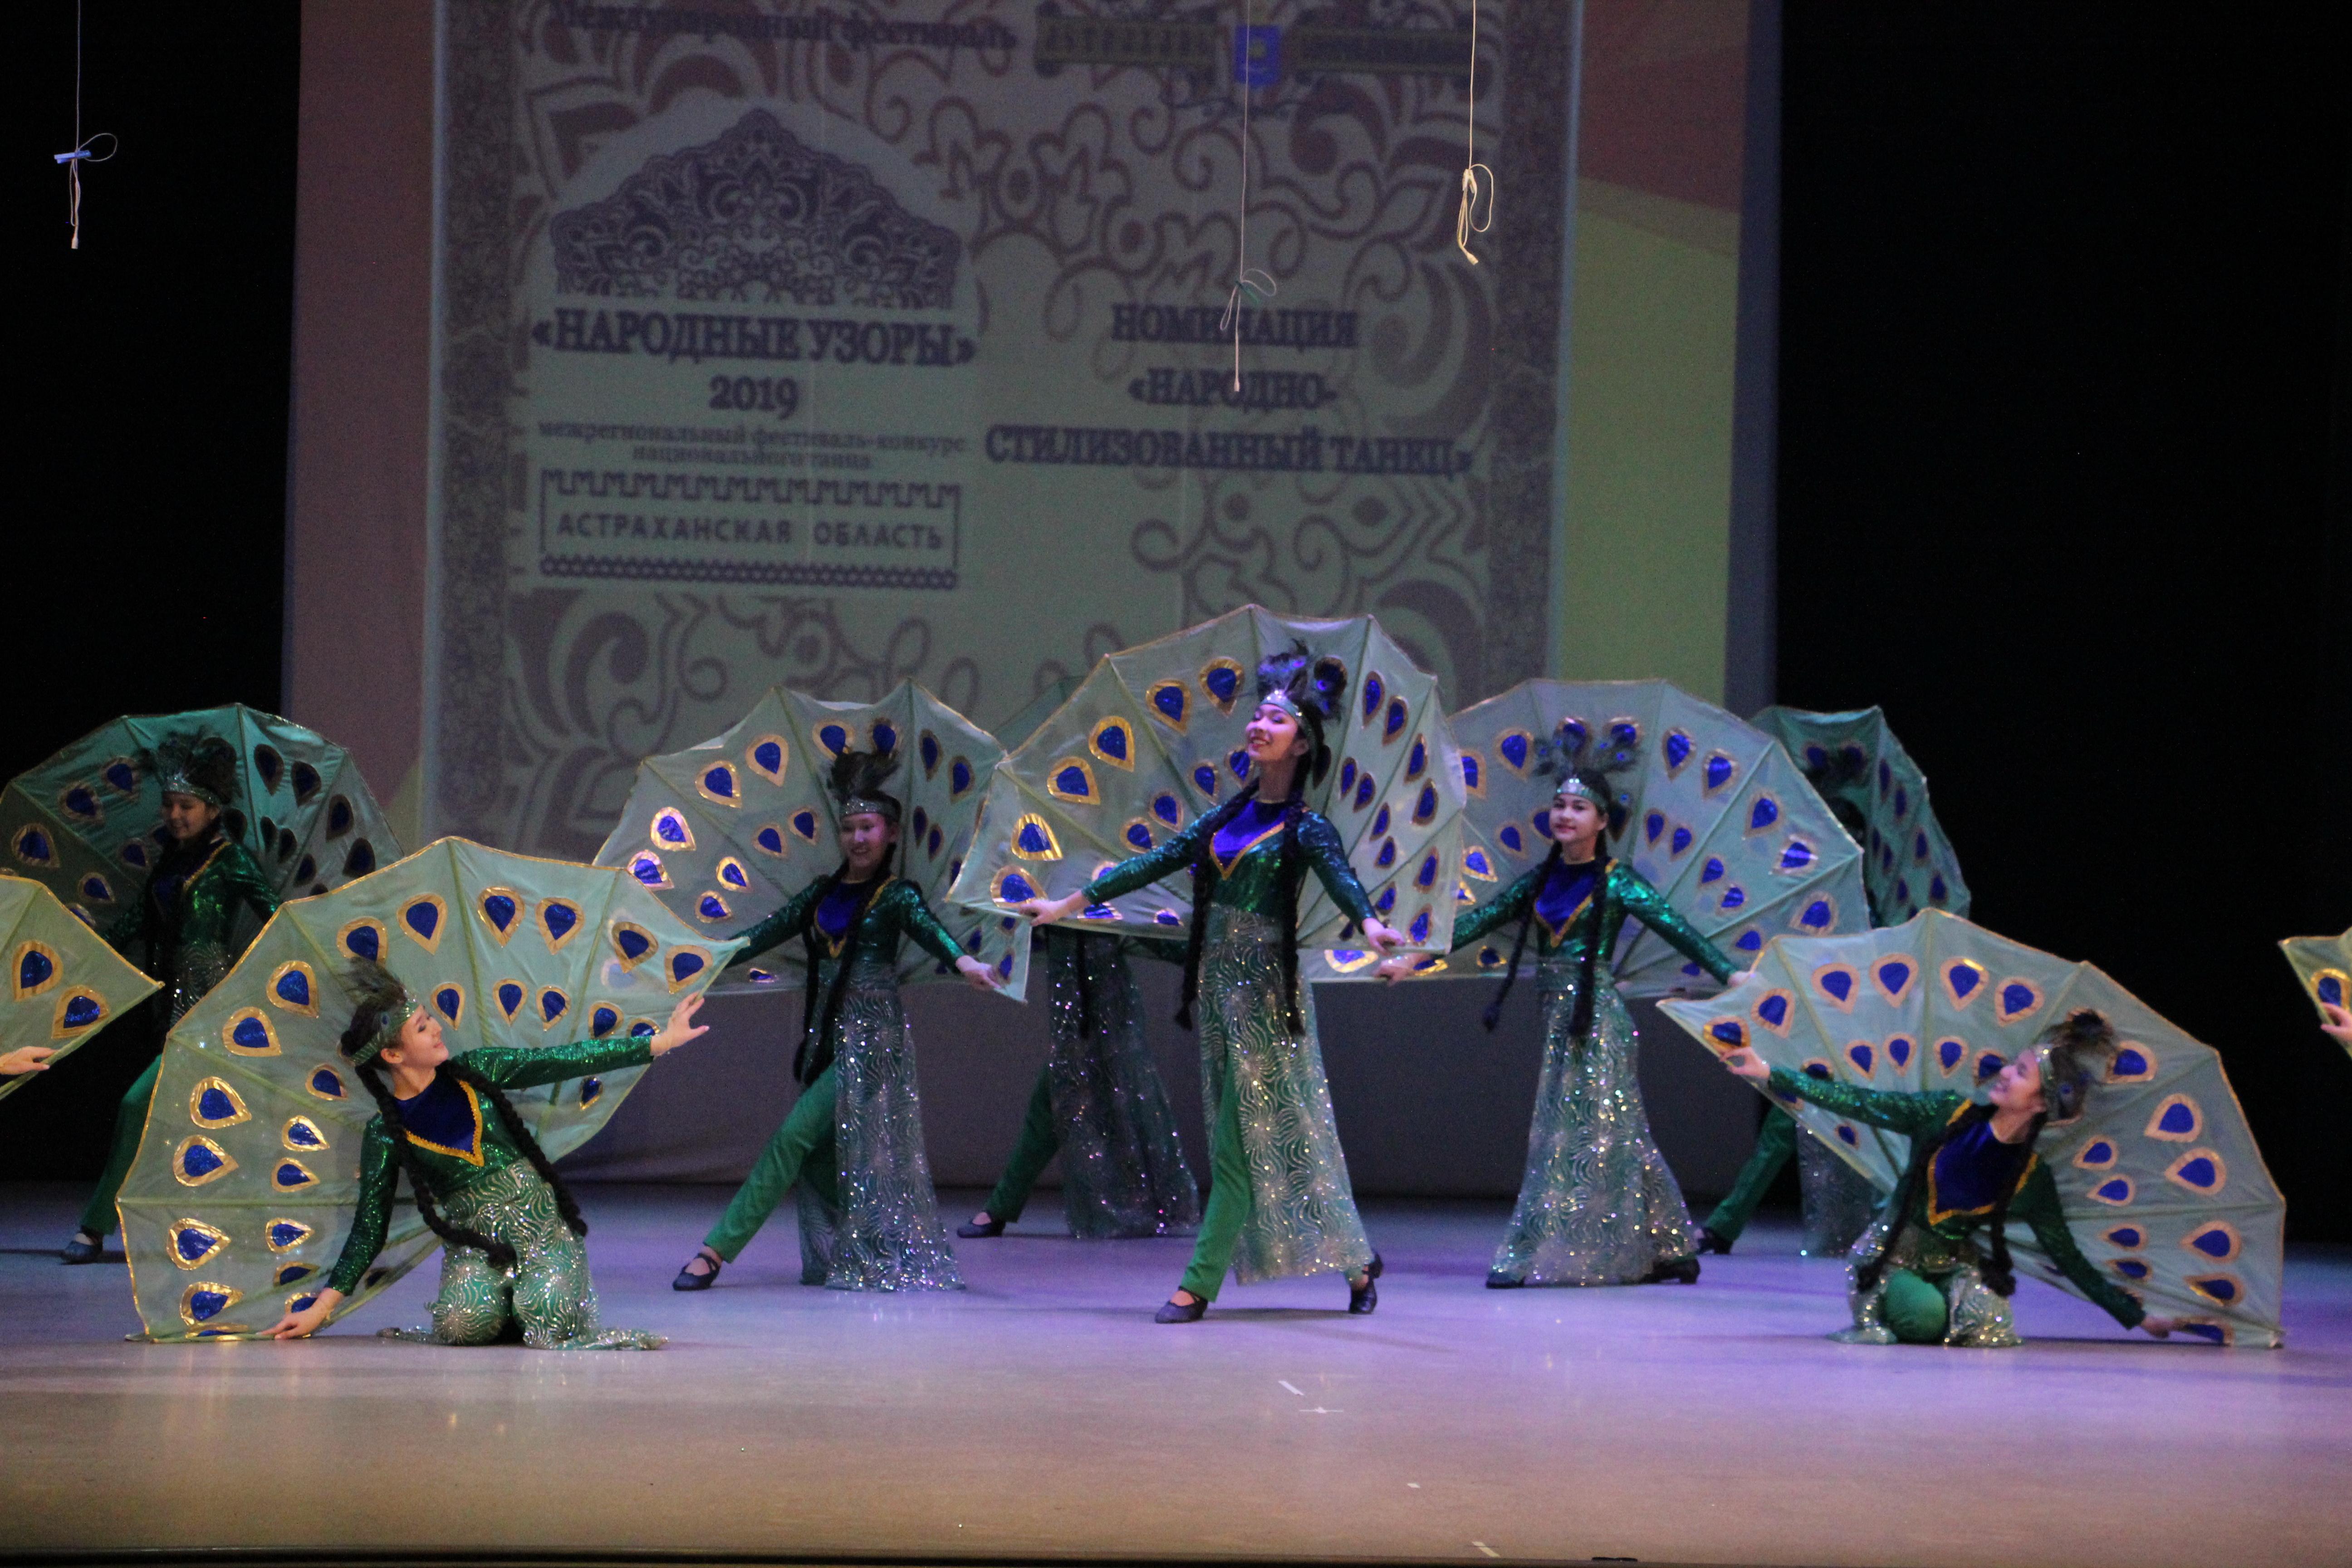 В Астрахани состоялся межрегиональный конкурс национального танца «Народные узоры»